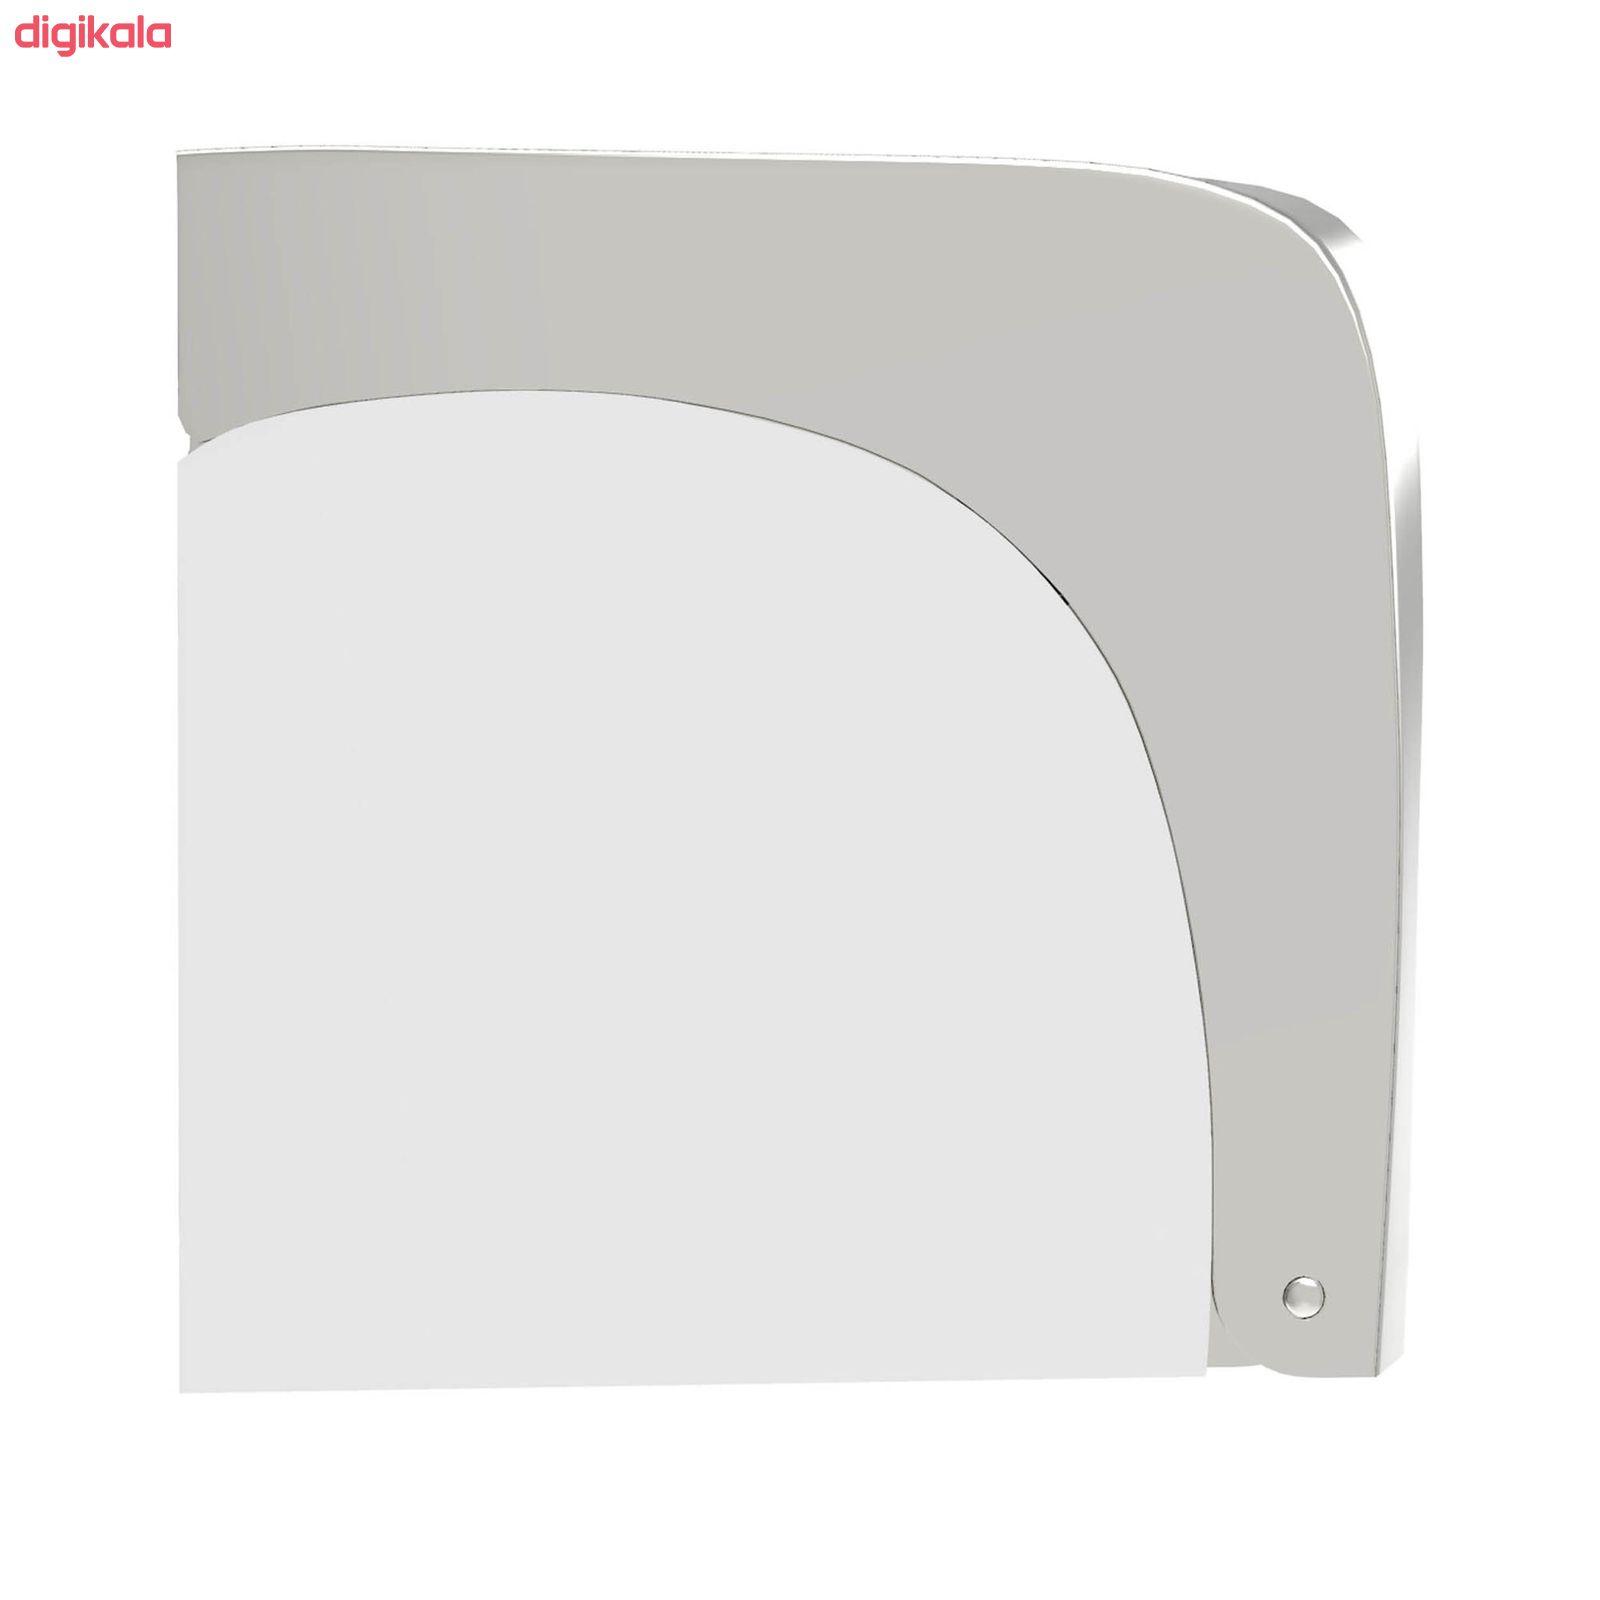 پایه رول دستمال کاغذی بنتی کد 1515 main 1 4